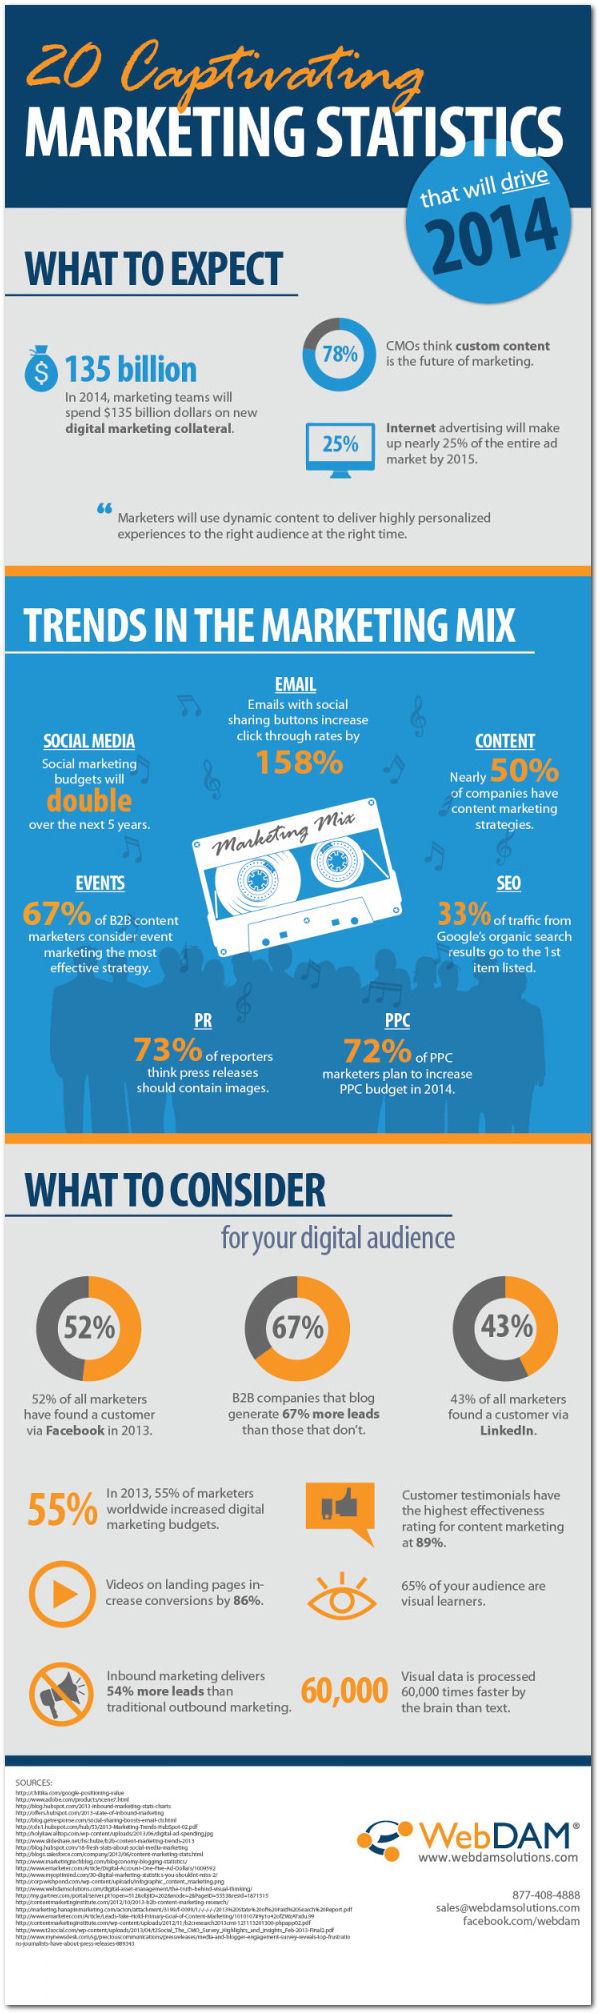 20 Statistiques marketing pour 2014